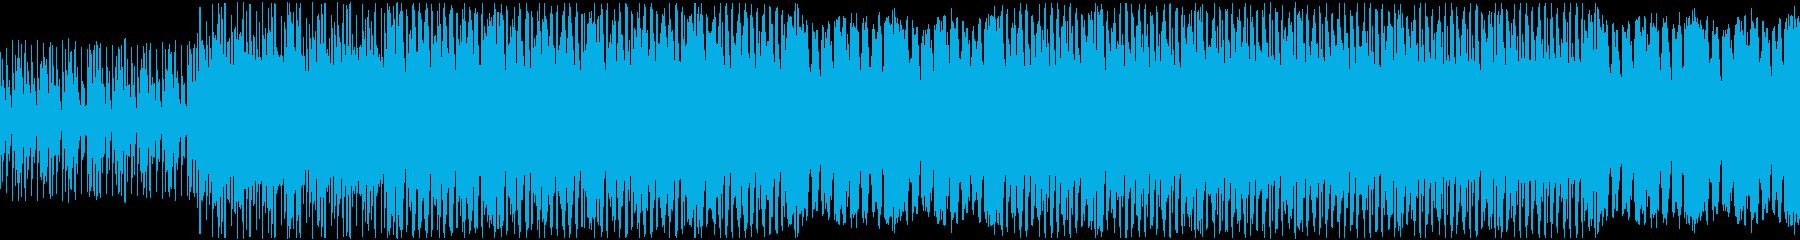 ラスボスアタック風BGMの再生済みの波形